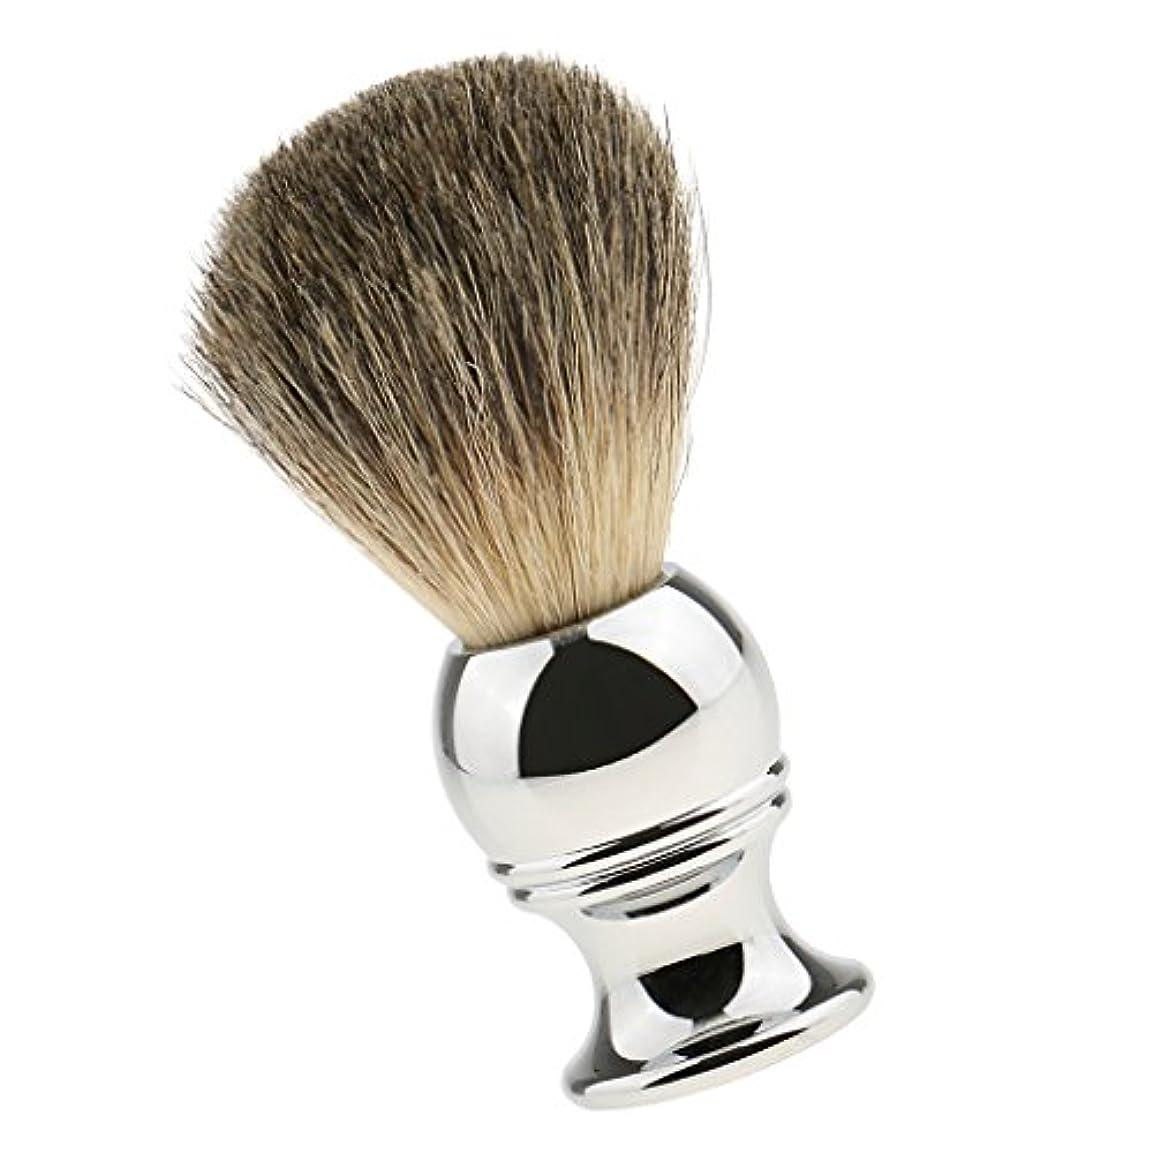 シーボード風カンガルーKesoto 男性用 高品質 高密度 シェービングブラシ ロングハンドル 髭剃り 洗顔 ブラシ シェーブツール